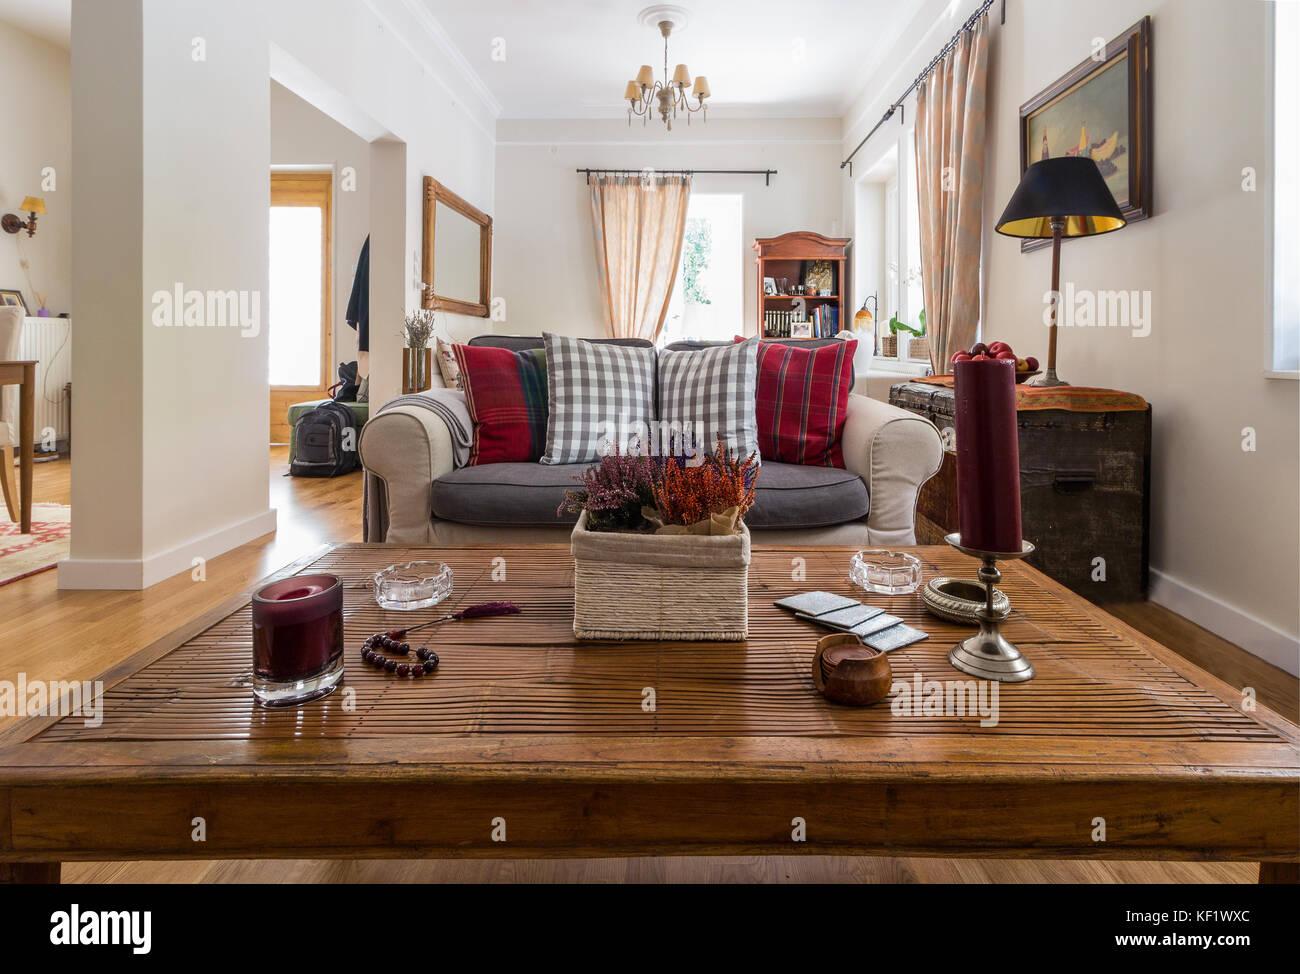 Grosses Wohnzimmer Sehr Hell Mit Eiche Parkettboden Und Retro Objekte